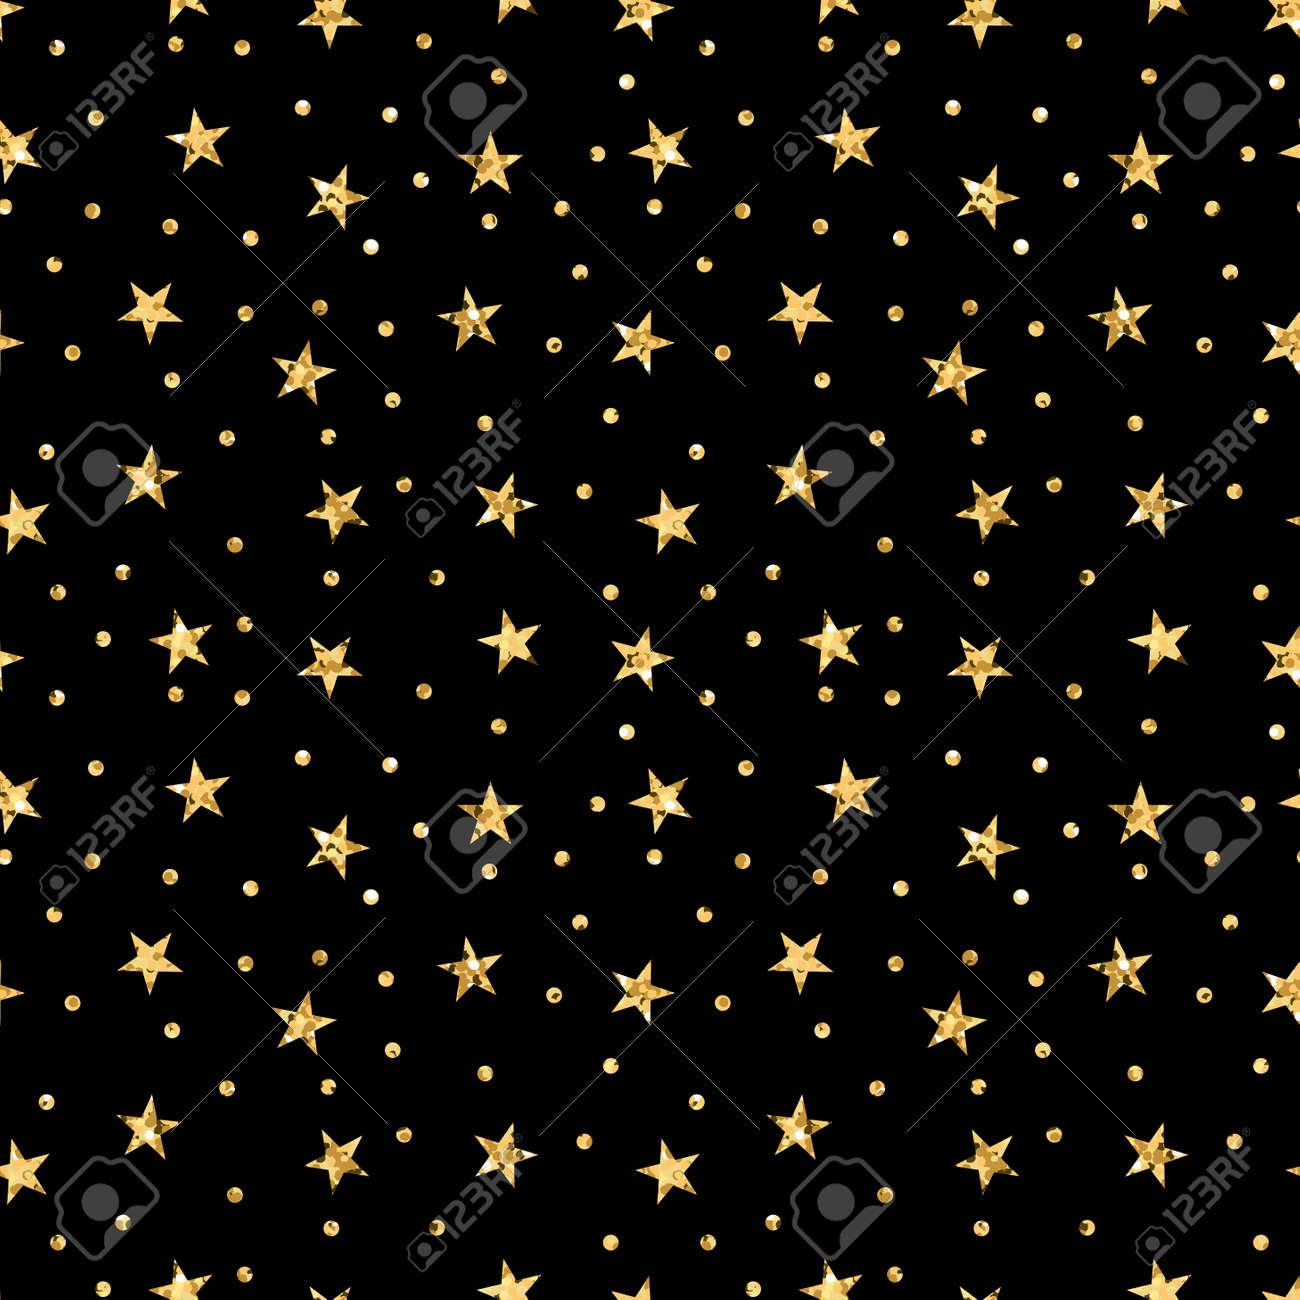 星シームレスな水玉柄ゴールドと黒のレトロな背景 壁紙 クリスマス